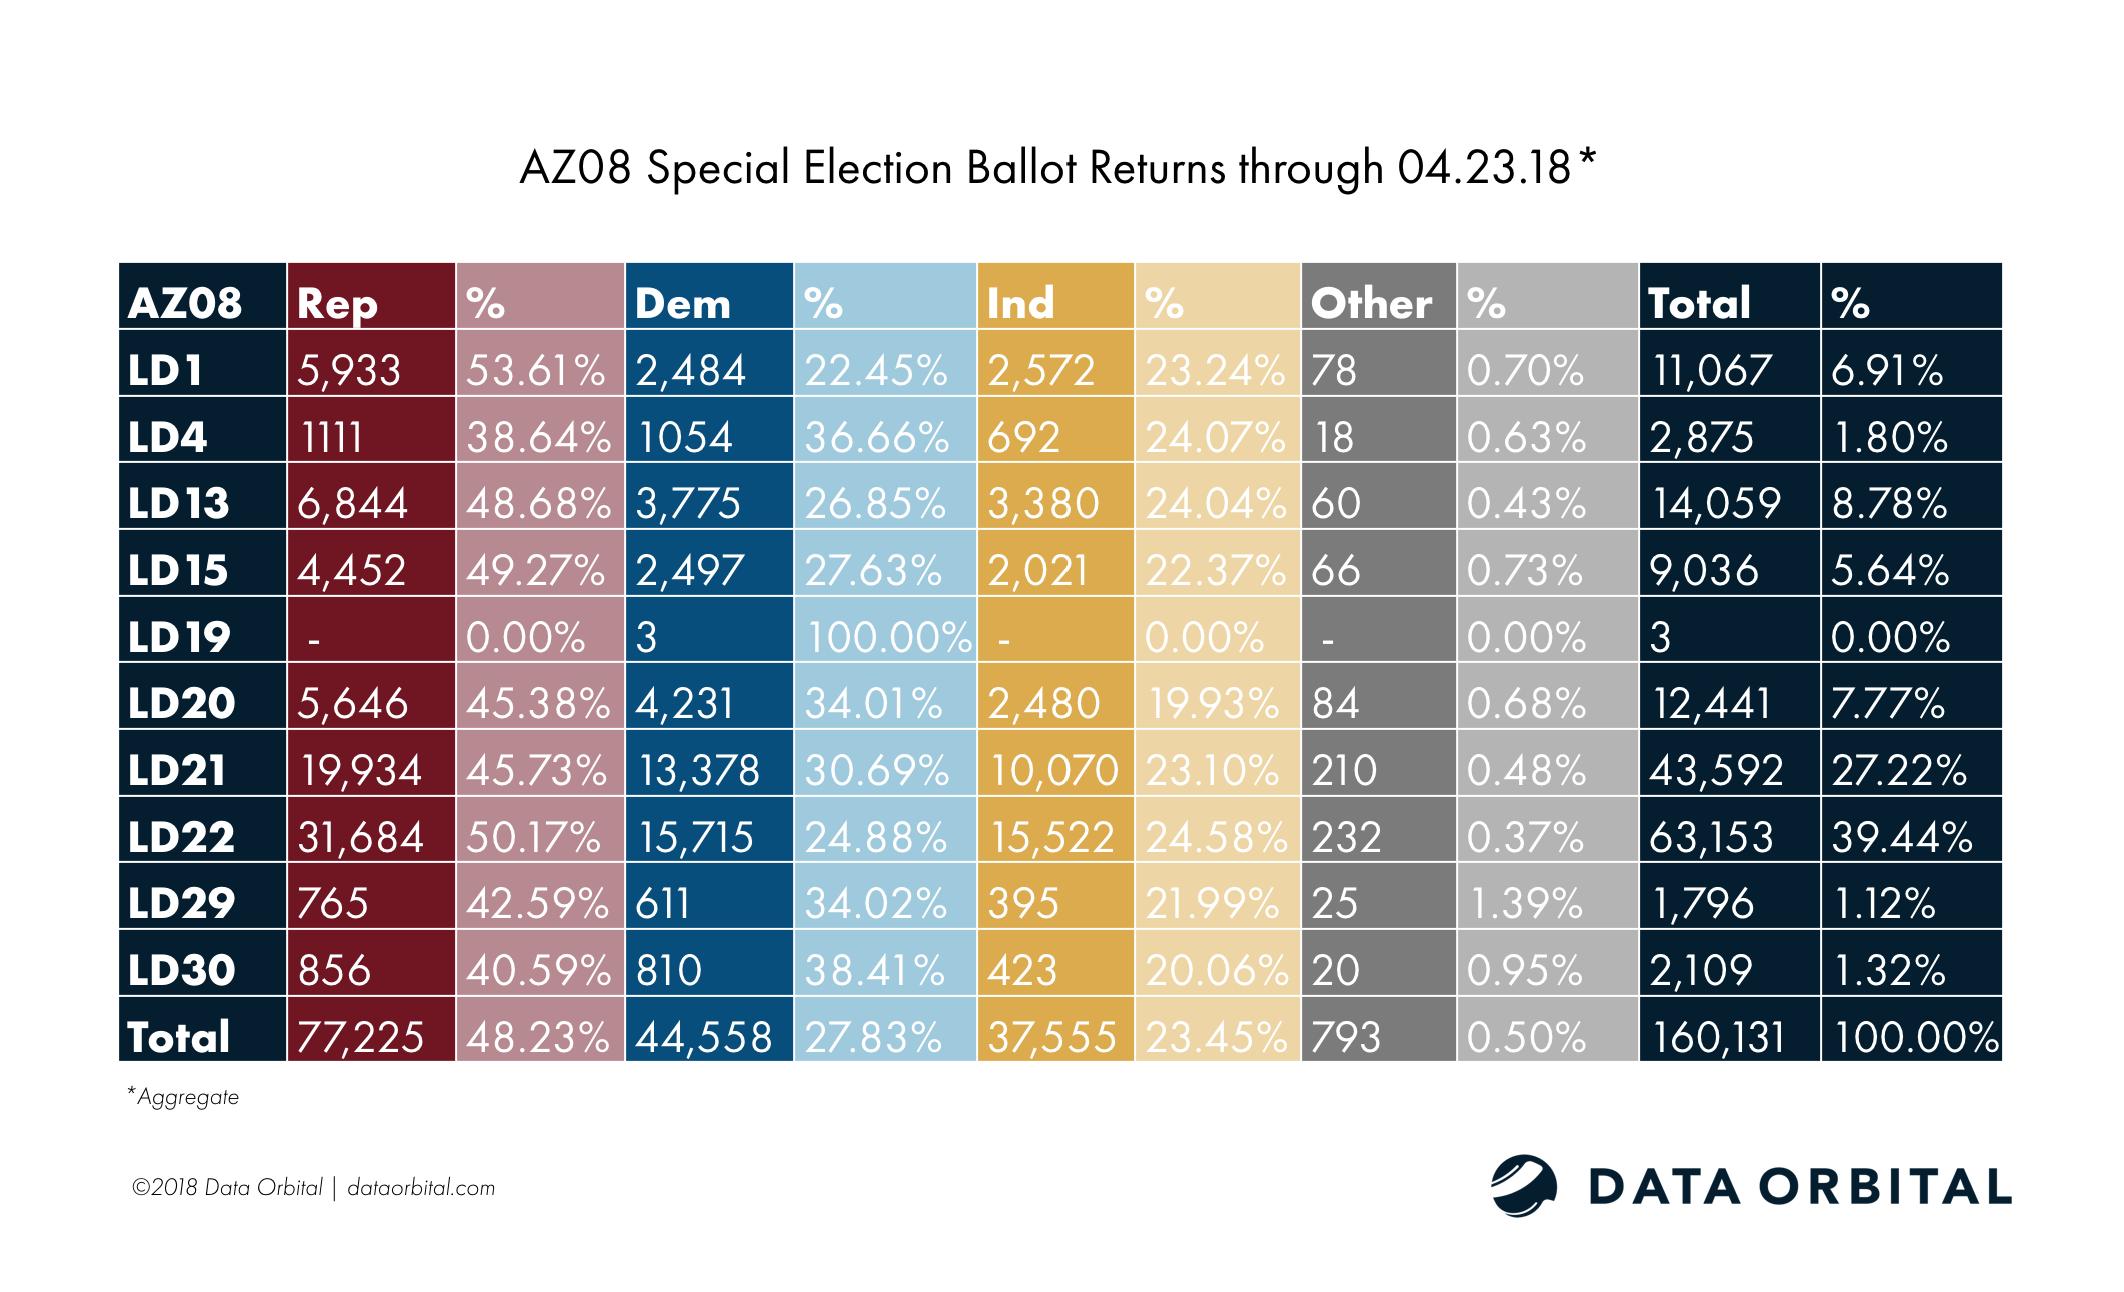 AZ08 Special Election Aggregate Ballot Returns 04.23.18